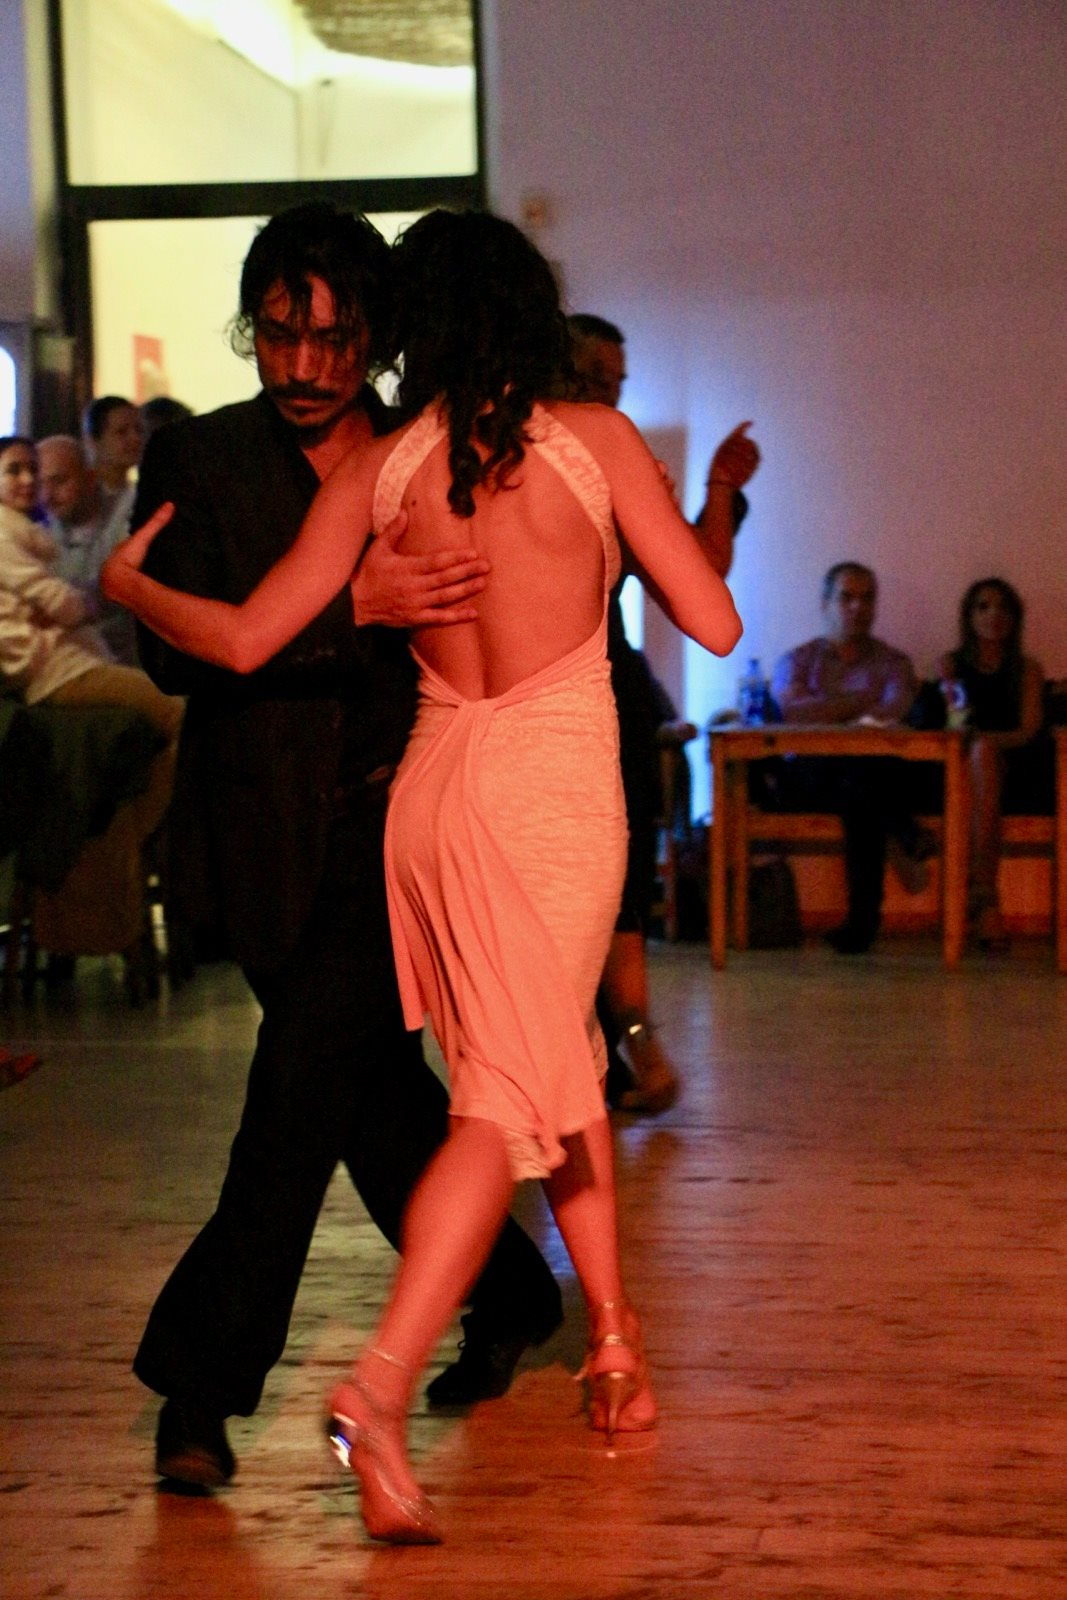 gaston torelli mariana dragone tangotangent bucuresti romania tango 1